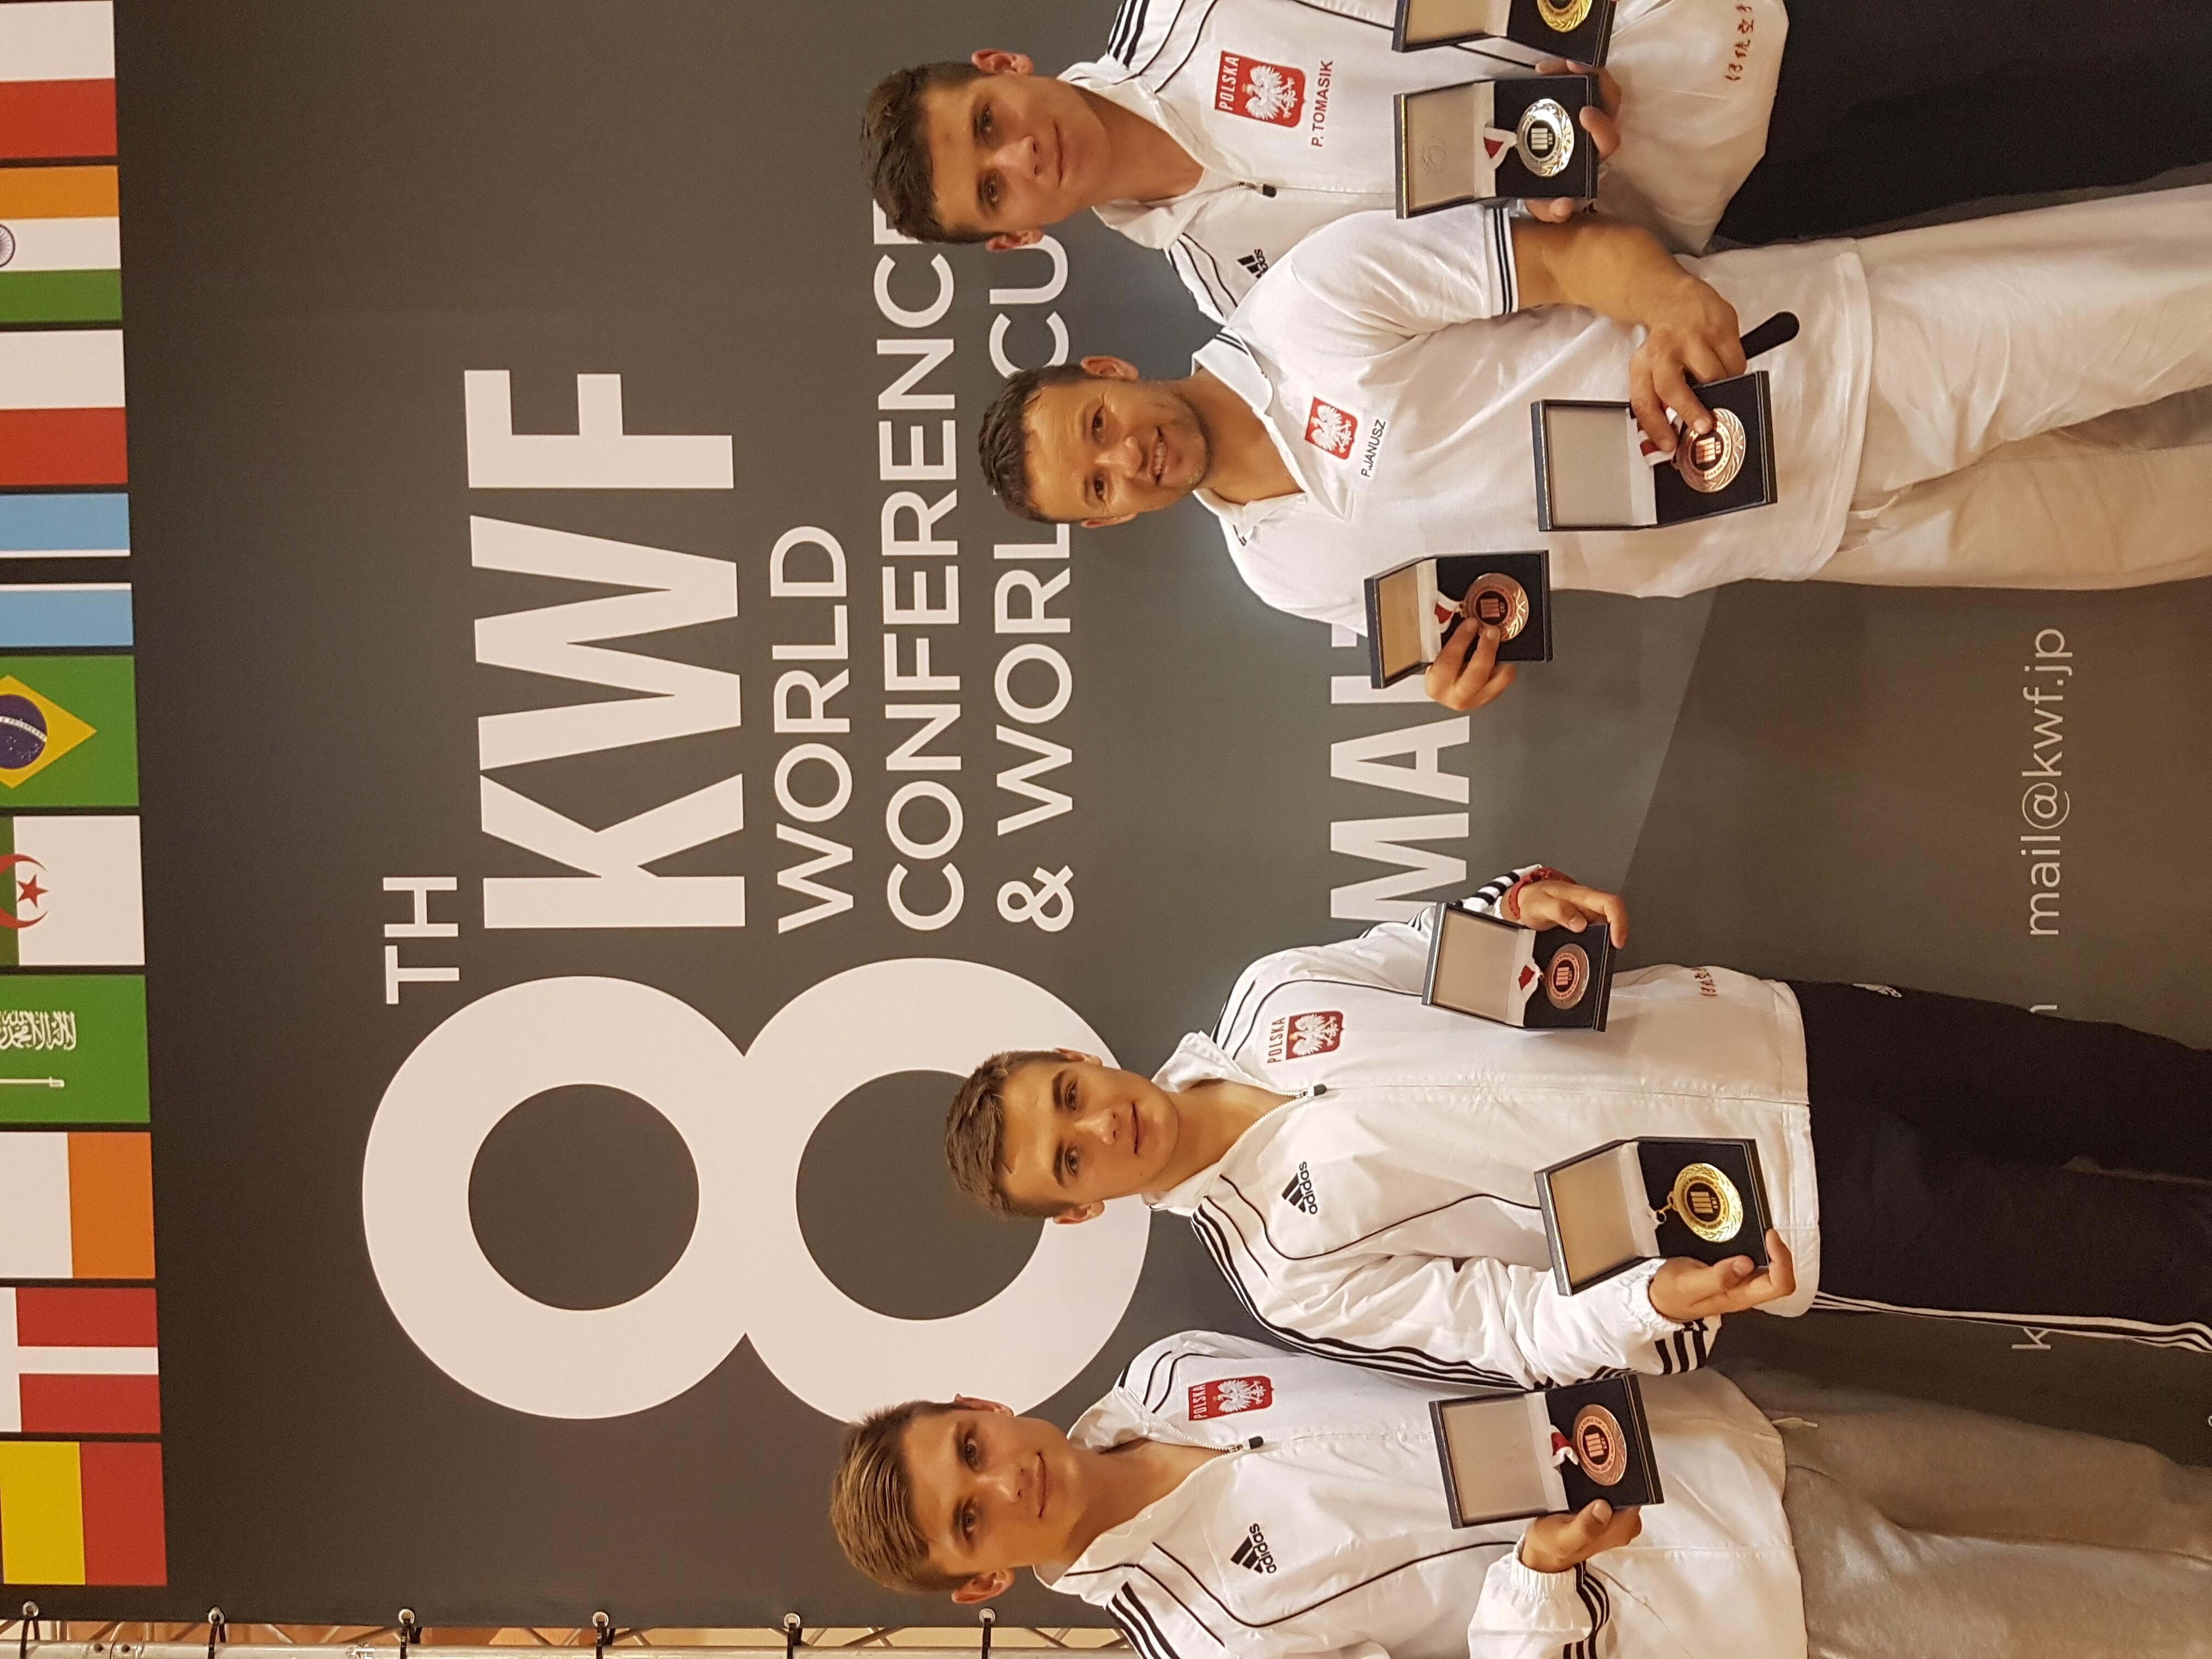 <p>Karatecy AKT zaliczyli piękny występ podczas Pucharu Świata na Malcie. W zawodach zorganizowanych 1 października przez Światową Federację Karatenomichi (Karatenomichi World Federation, KWF), zdobyli w sumie 4 medale (1 złoty, i srebrny i 2 brązowe).</p>